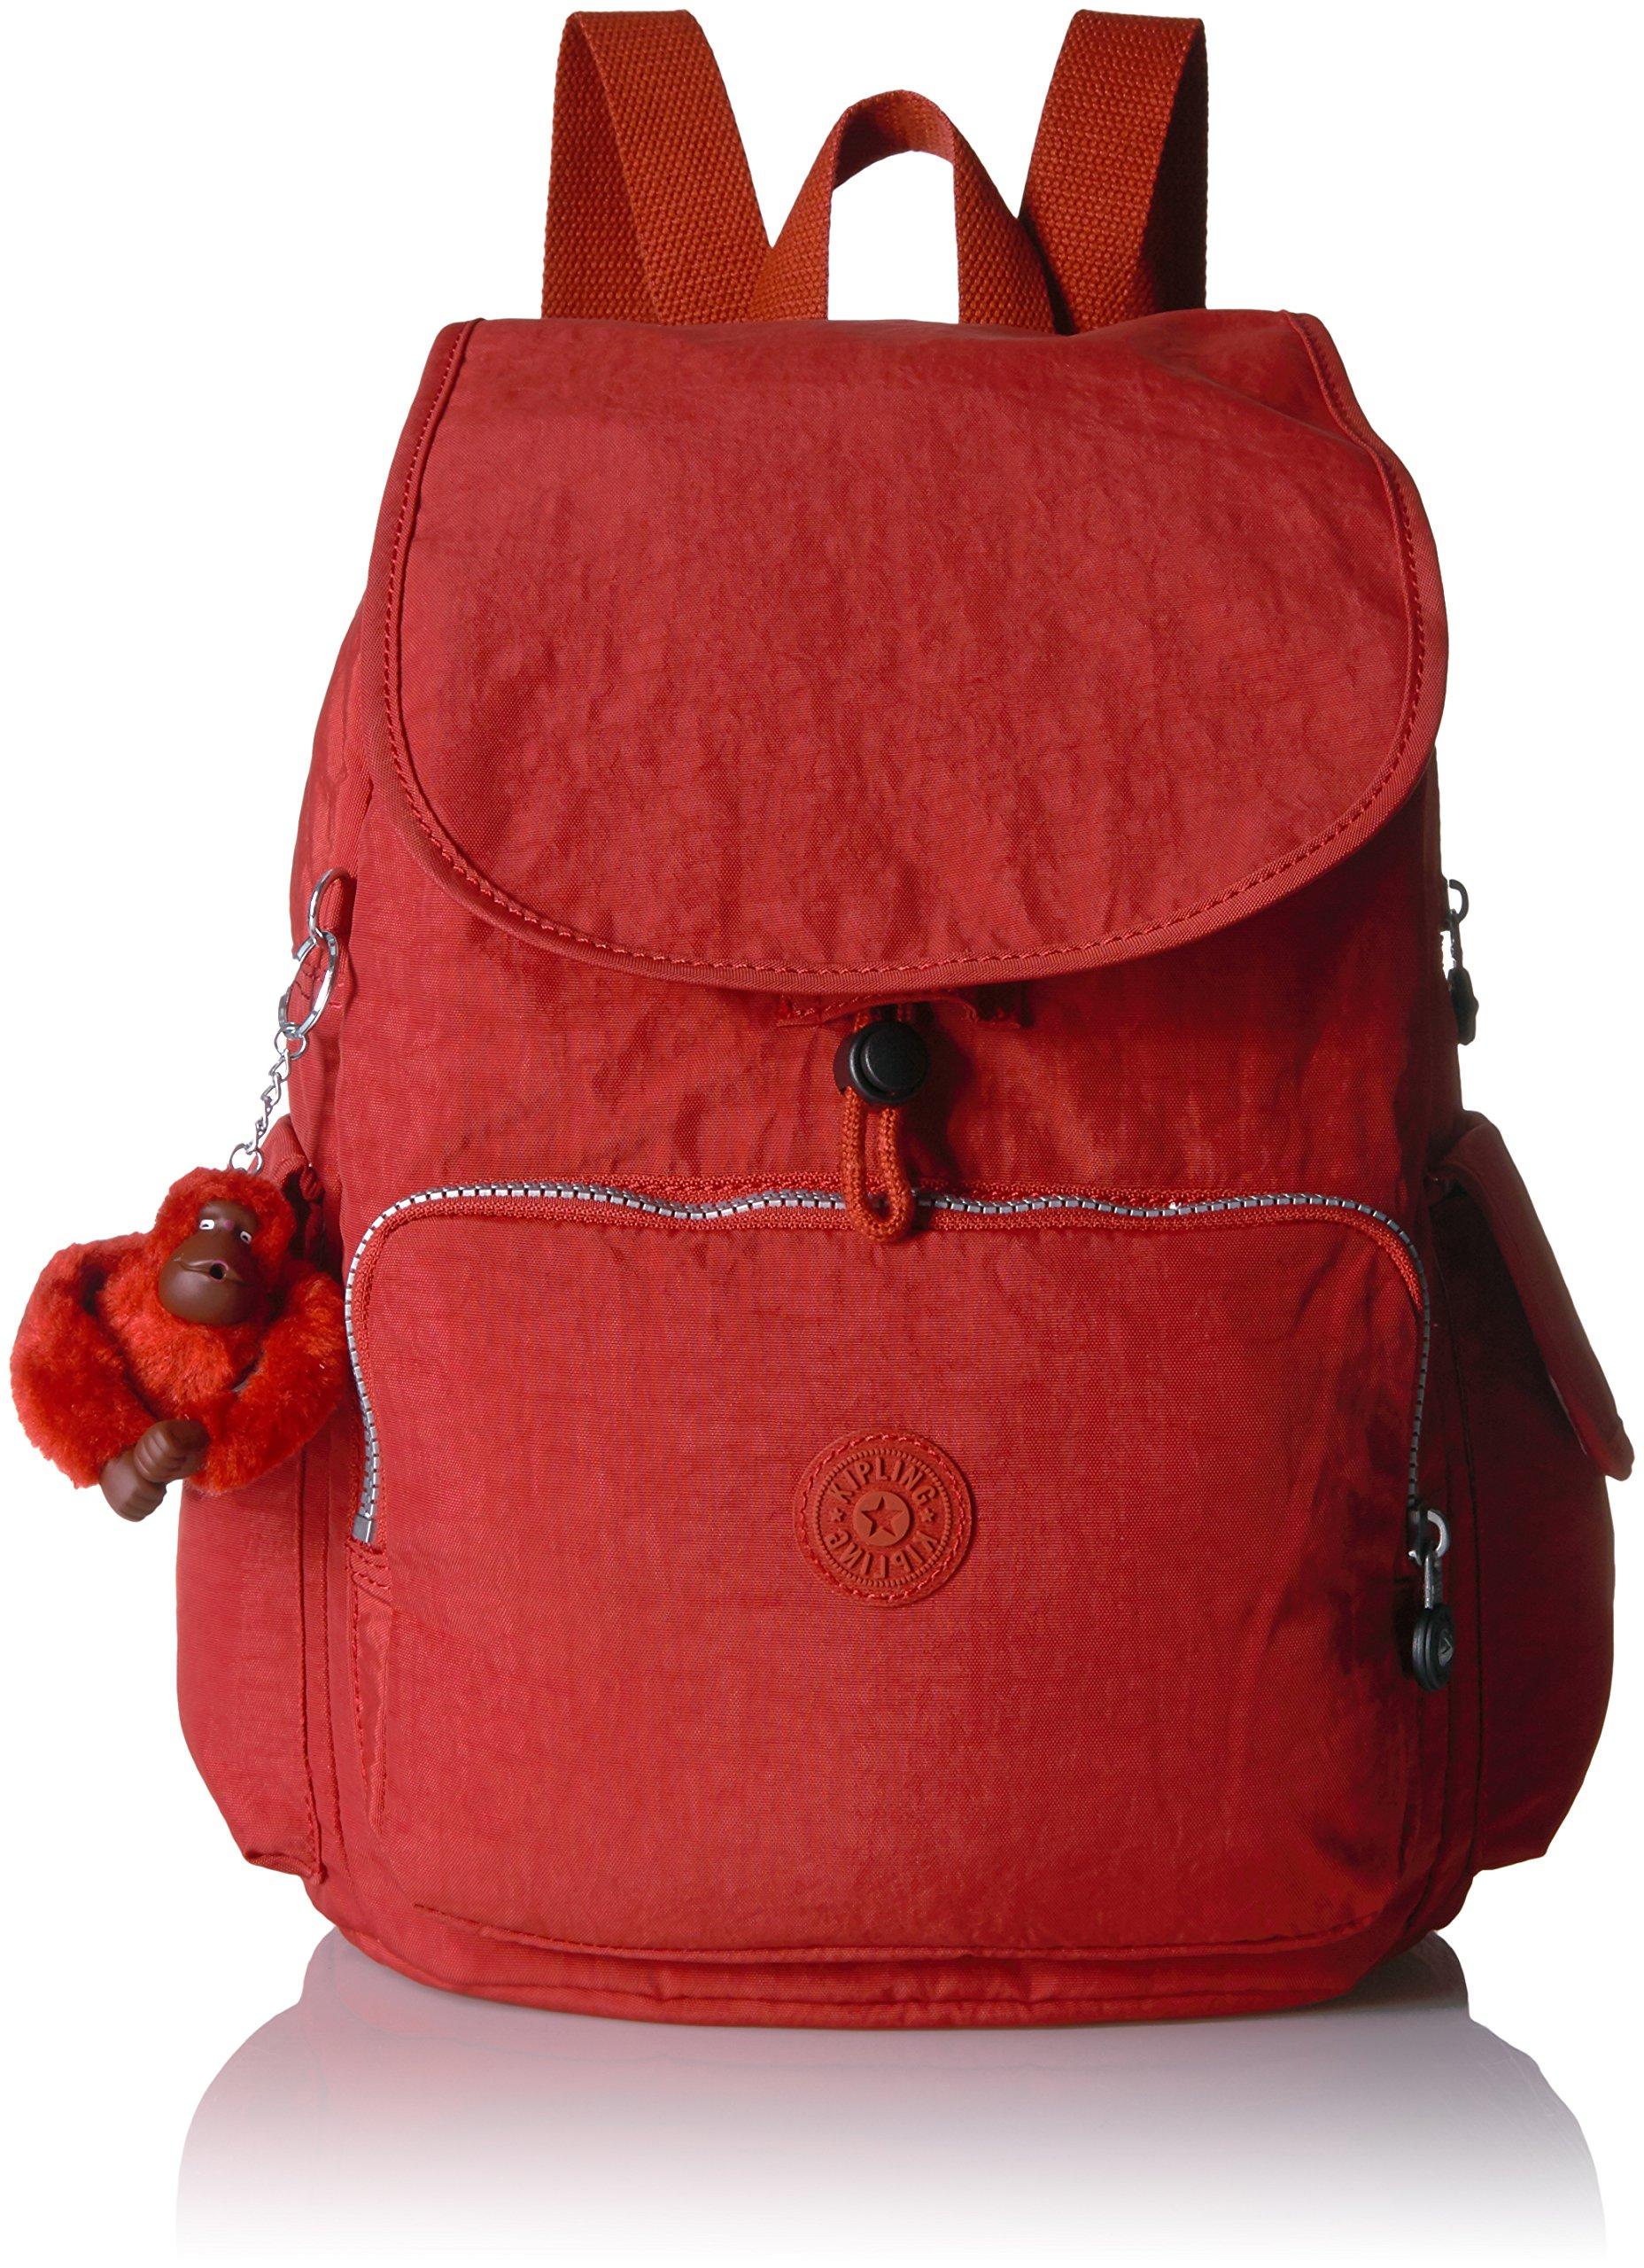 Kipling Women's Ravier Medium Solid Backpack, Red Rust